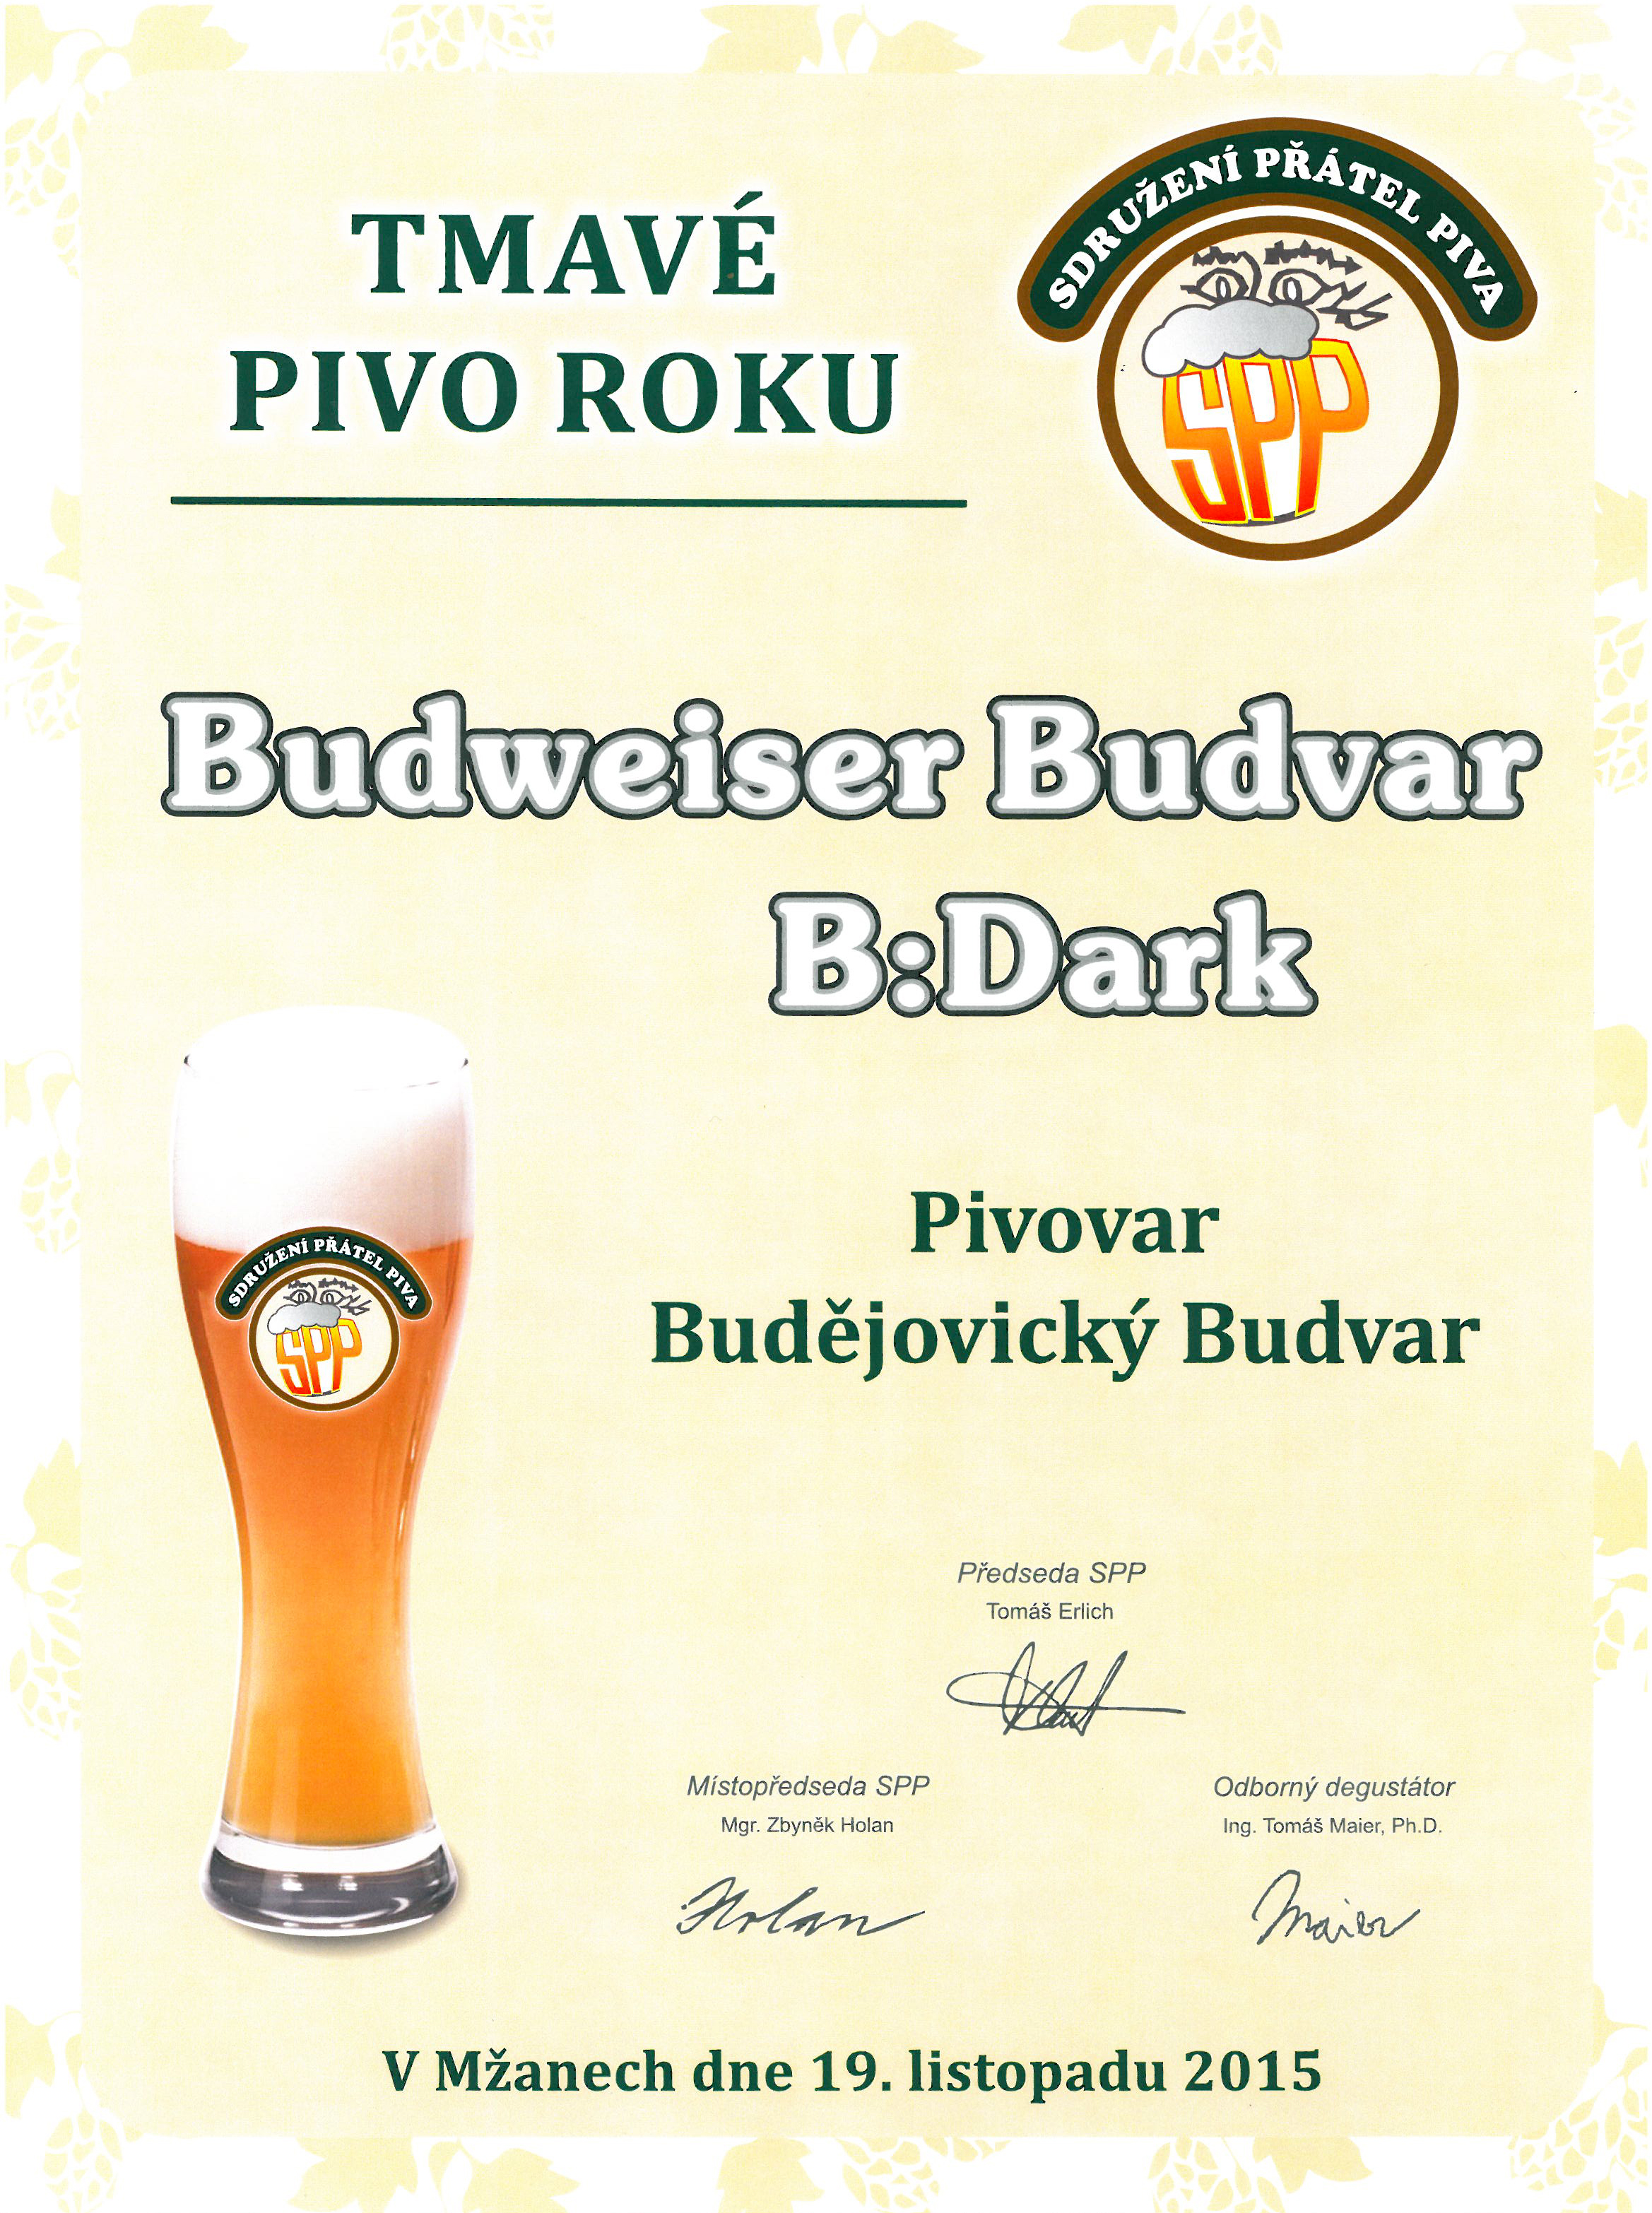 Tmavé pivo roku